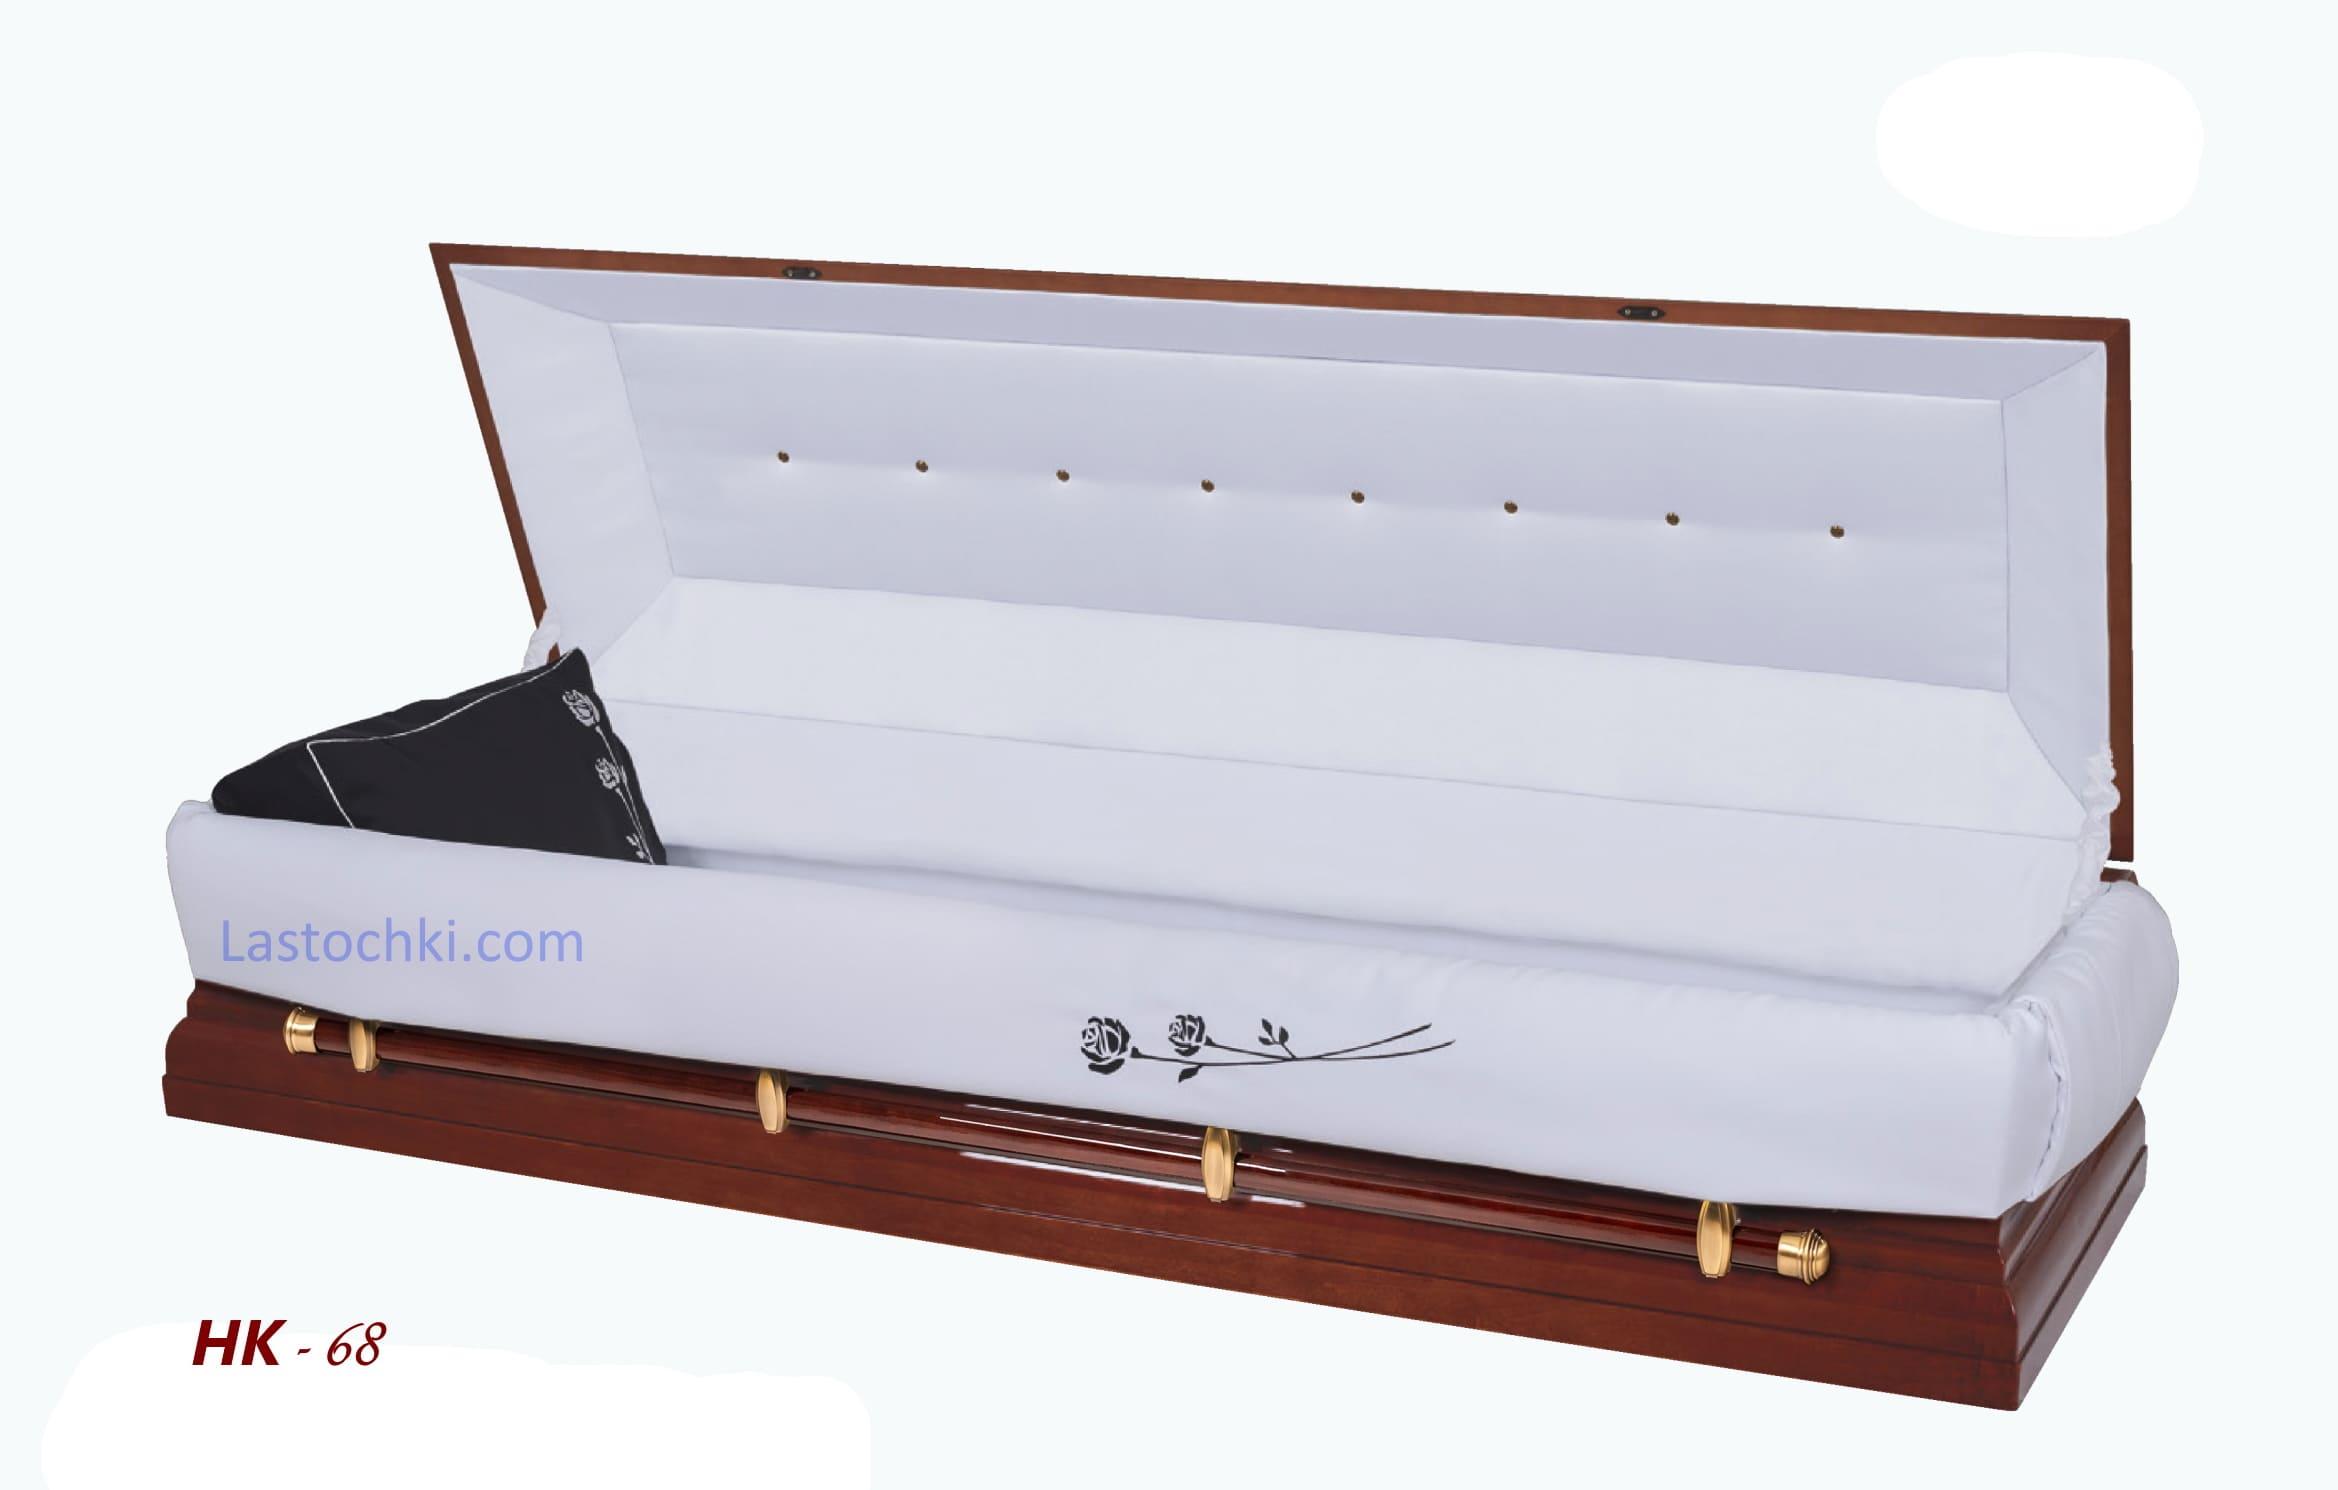 Саркофаг НК - 68  - Цена 38 000 грн.